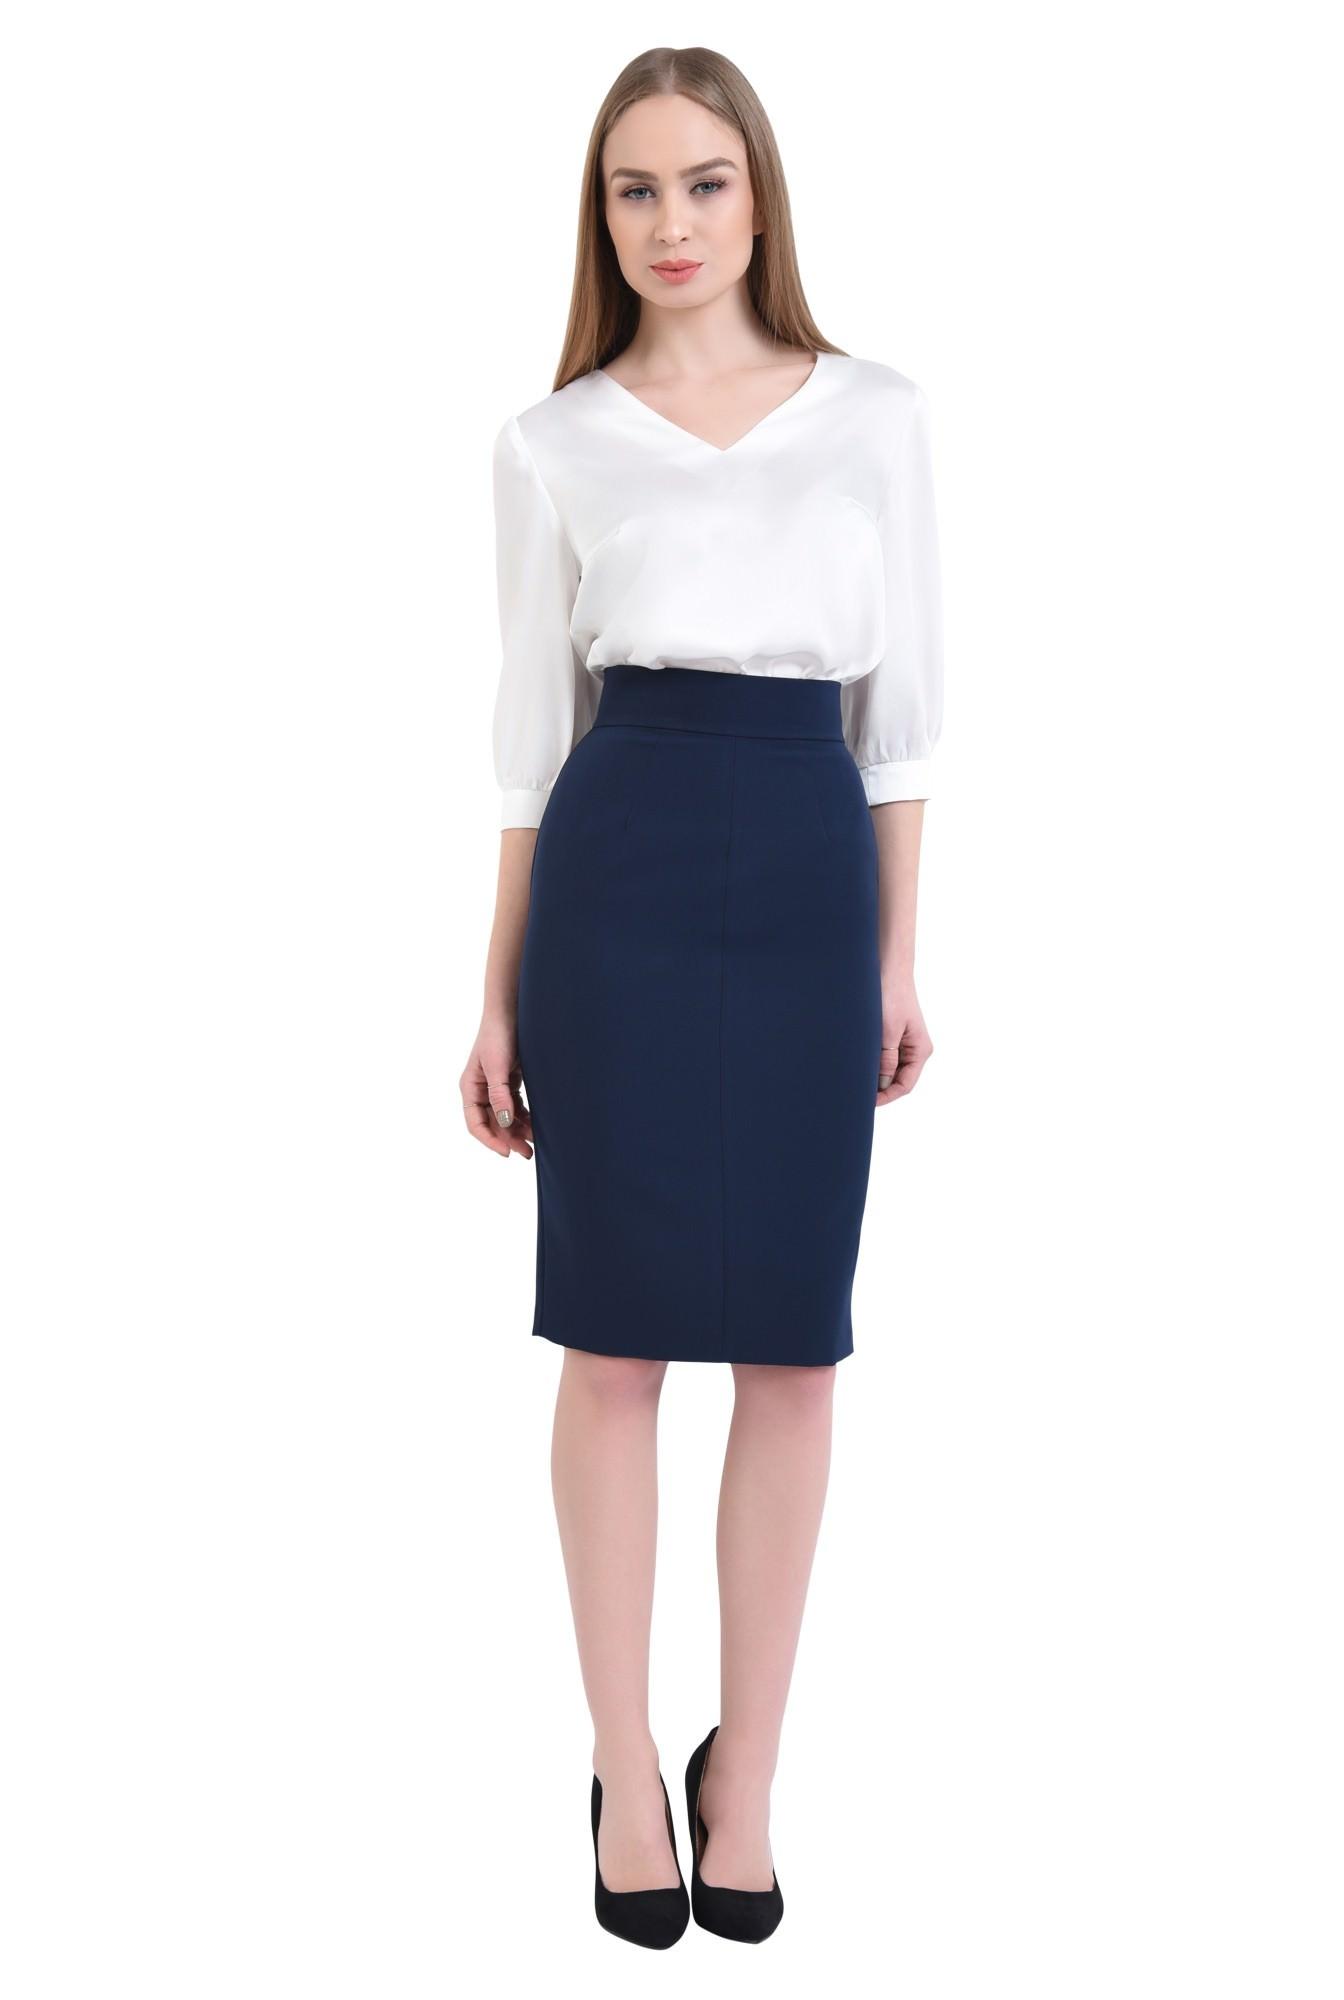 3 - 360 - Bluza eleganta ivoar, maneci midi, mansete